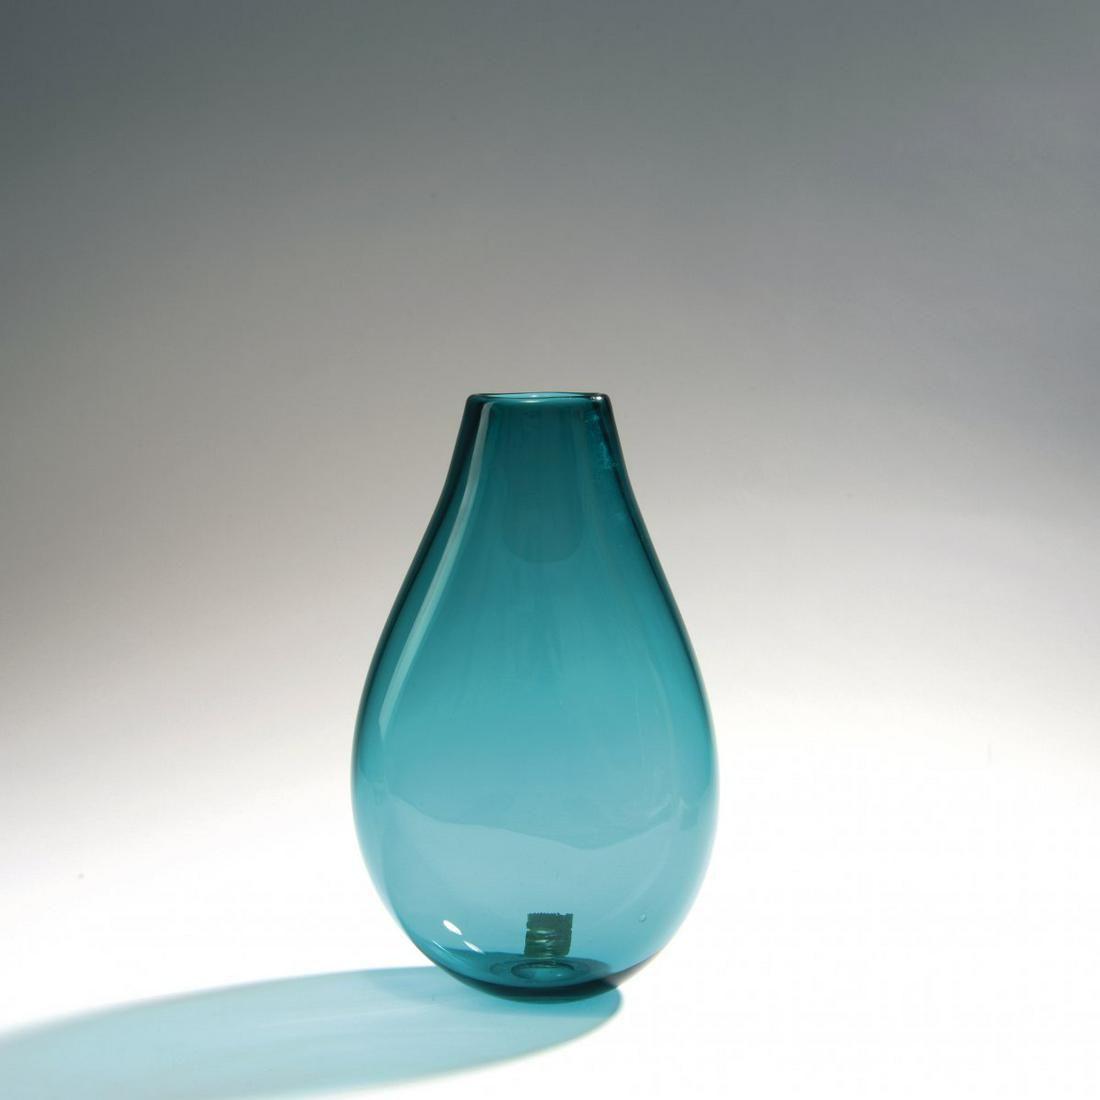 Fulvio Bianconi, Vase, c. 1951/52